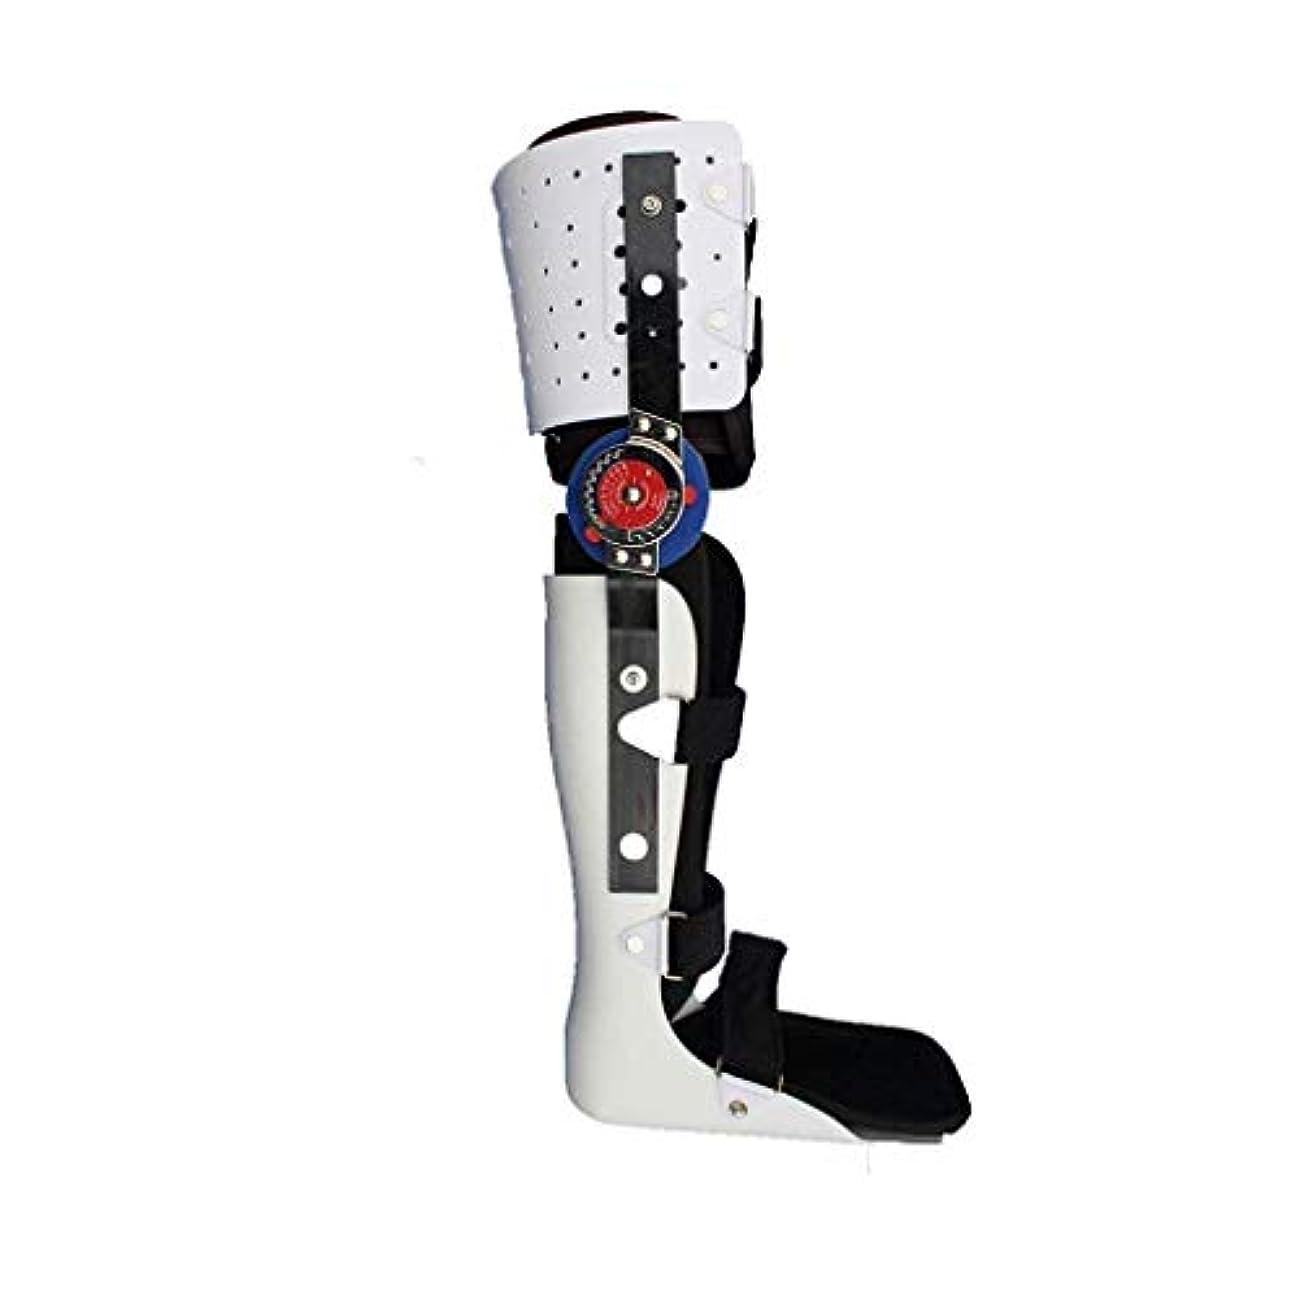 番号気球遺伝子下肢装具、ブレースウォーキング膝や足固定ブレース膝関節足首足Spportと下肢装具のサイズ(S/M/L) (Size : L)